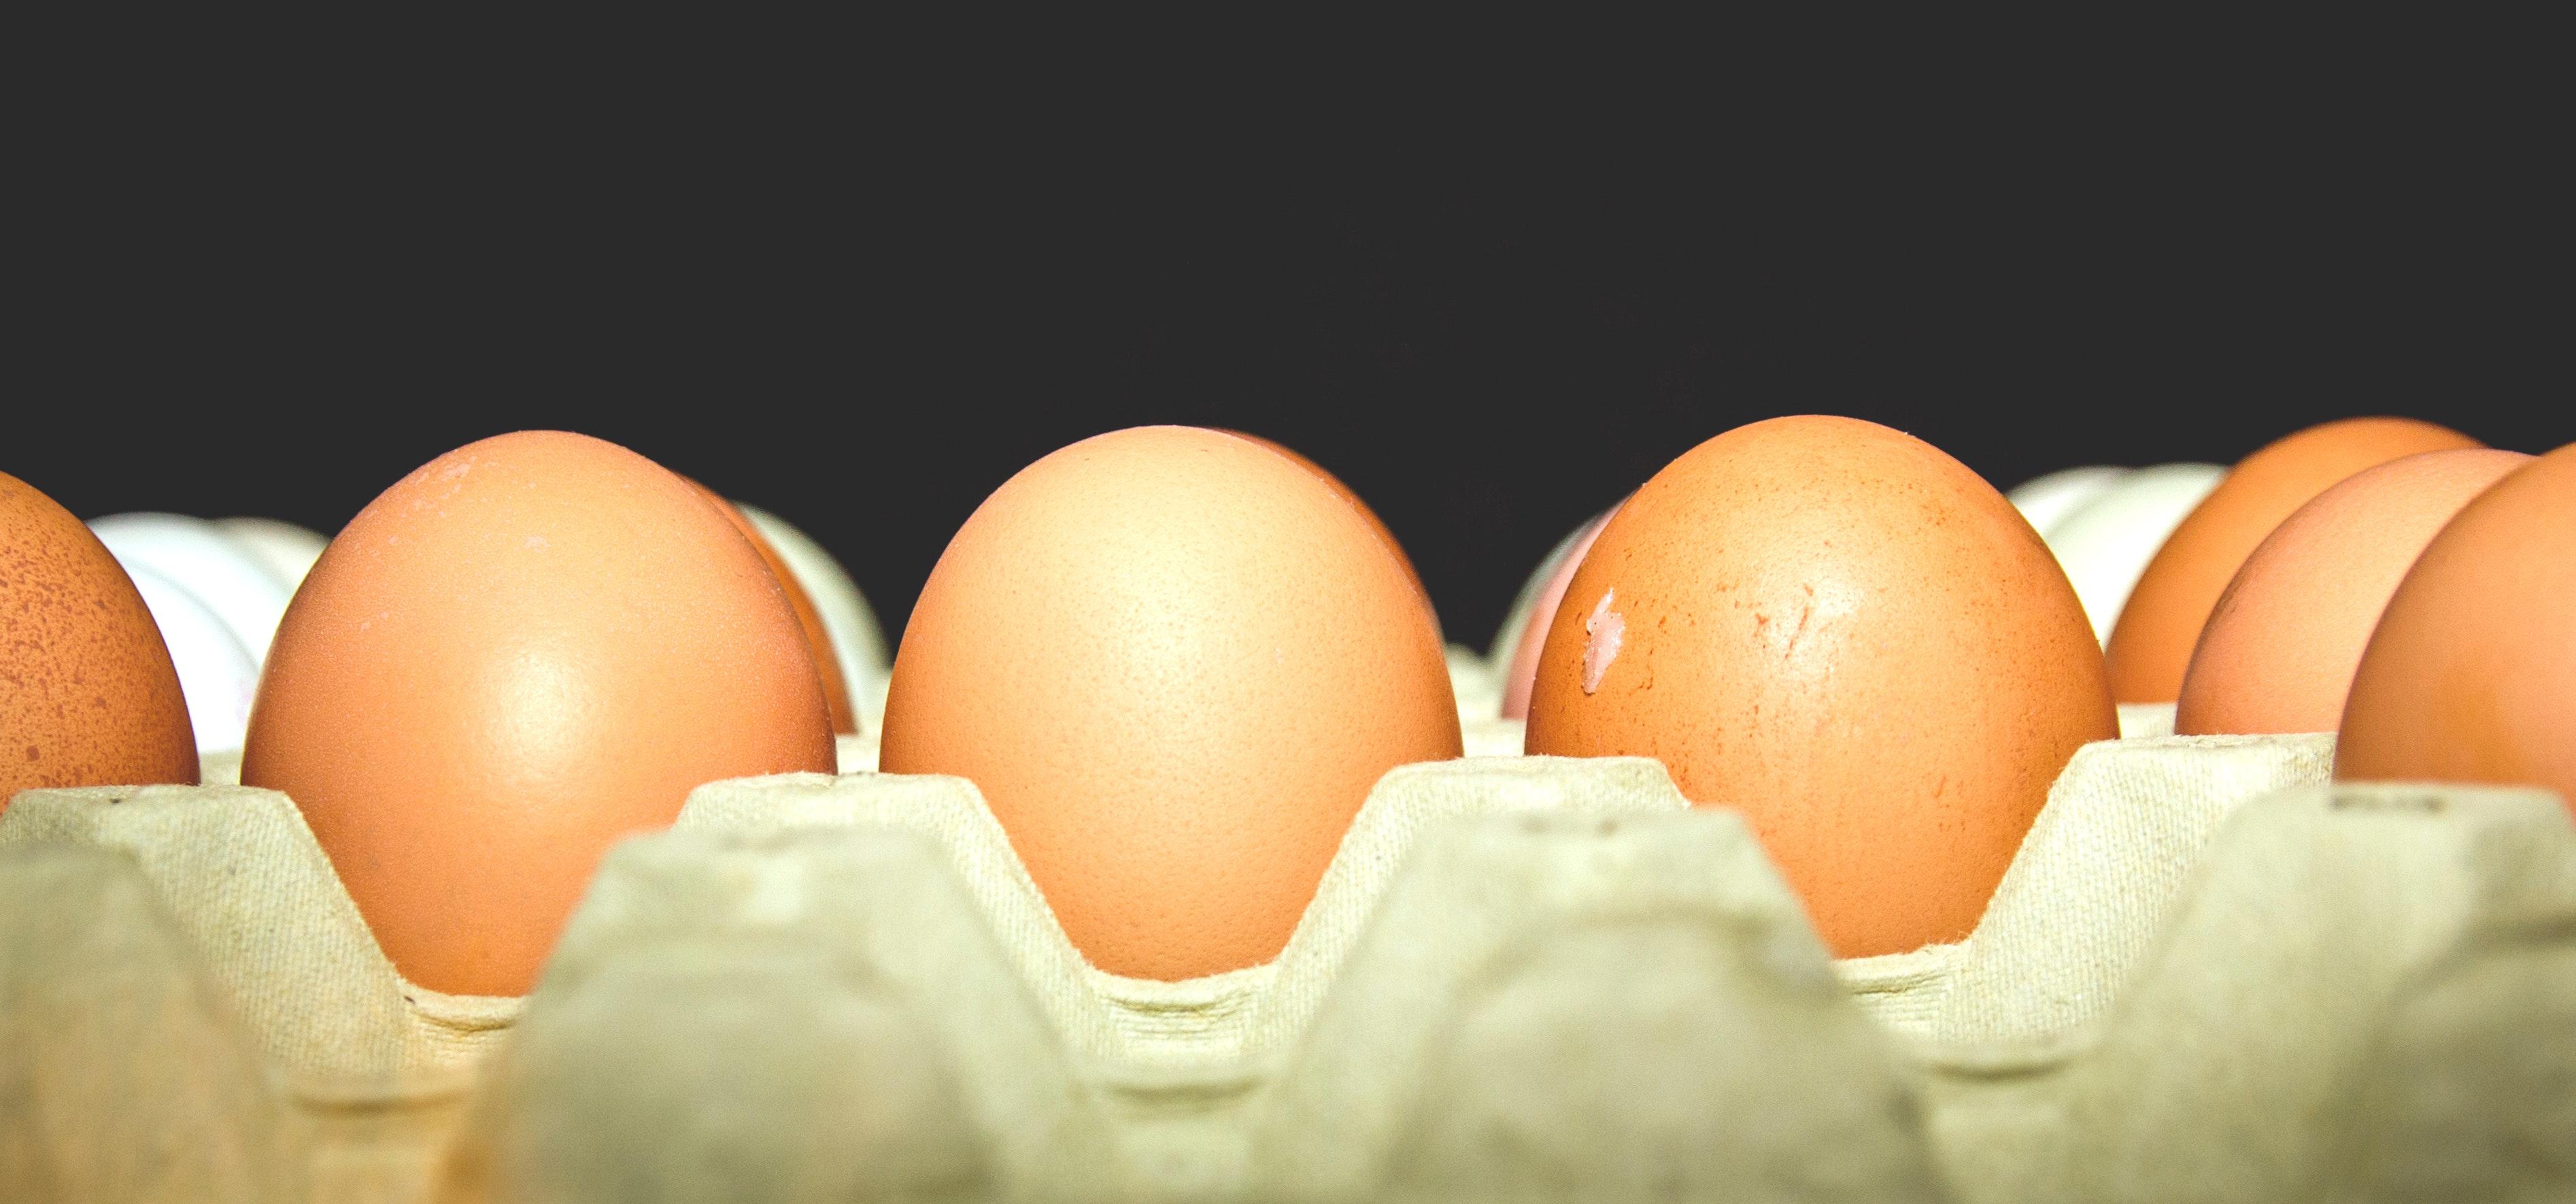 Brote de salmonela en huevos